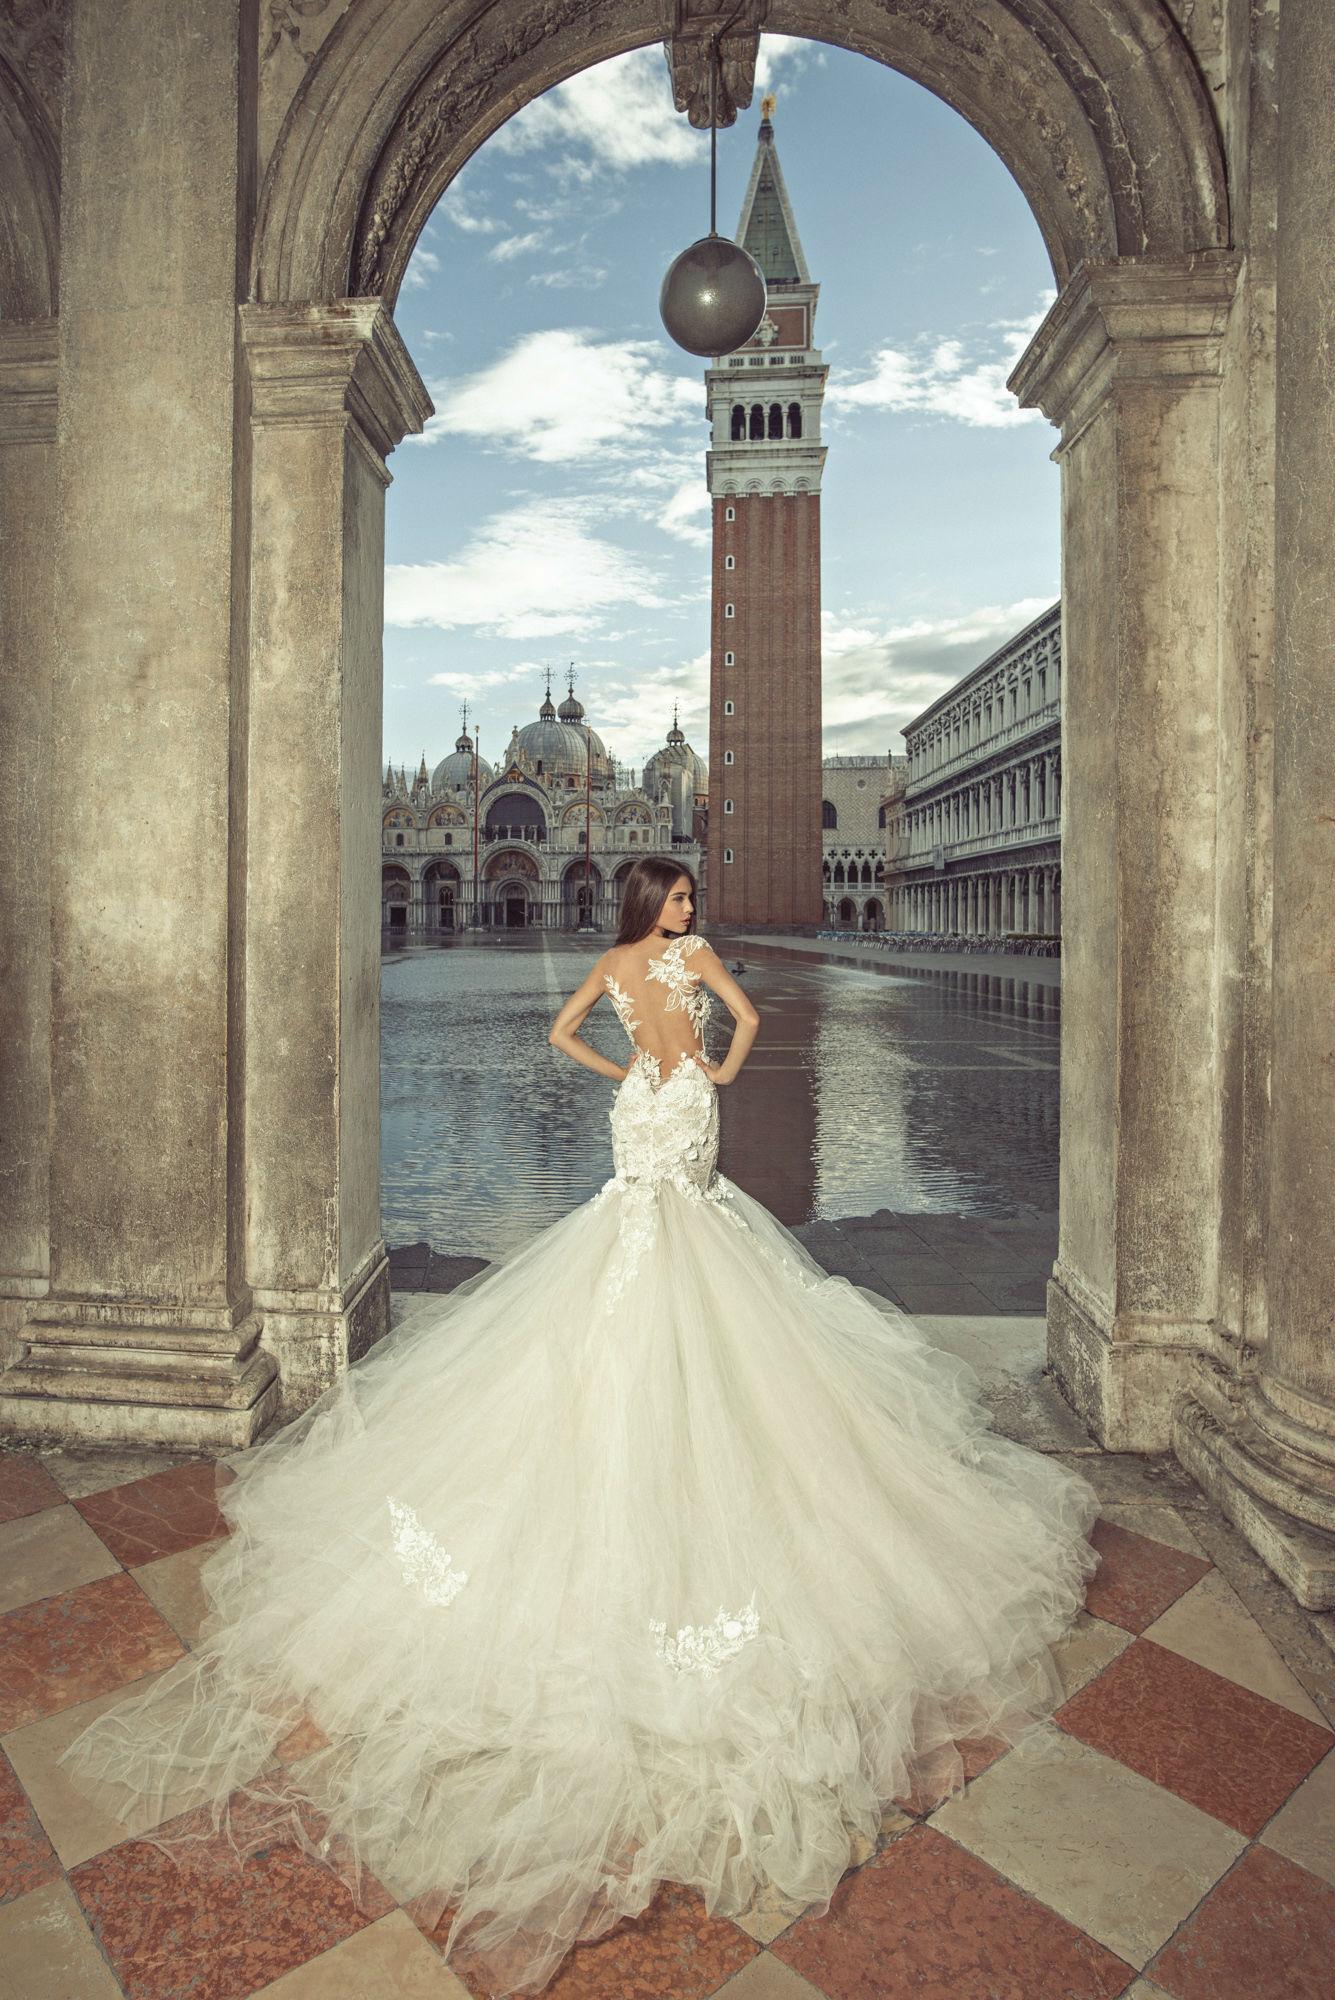 6a19a6ab0e Las asesoras escuchan a la novia y eligen los modelos en base a lo que está  pidiendo tanto estilo como presupuesto